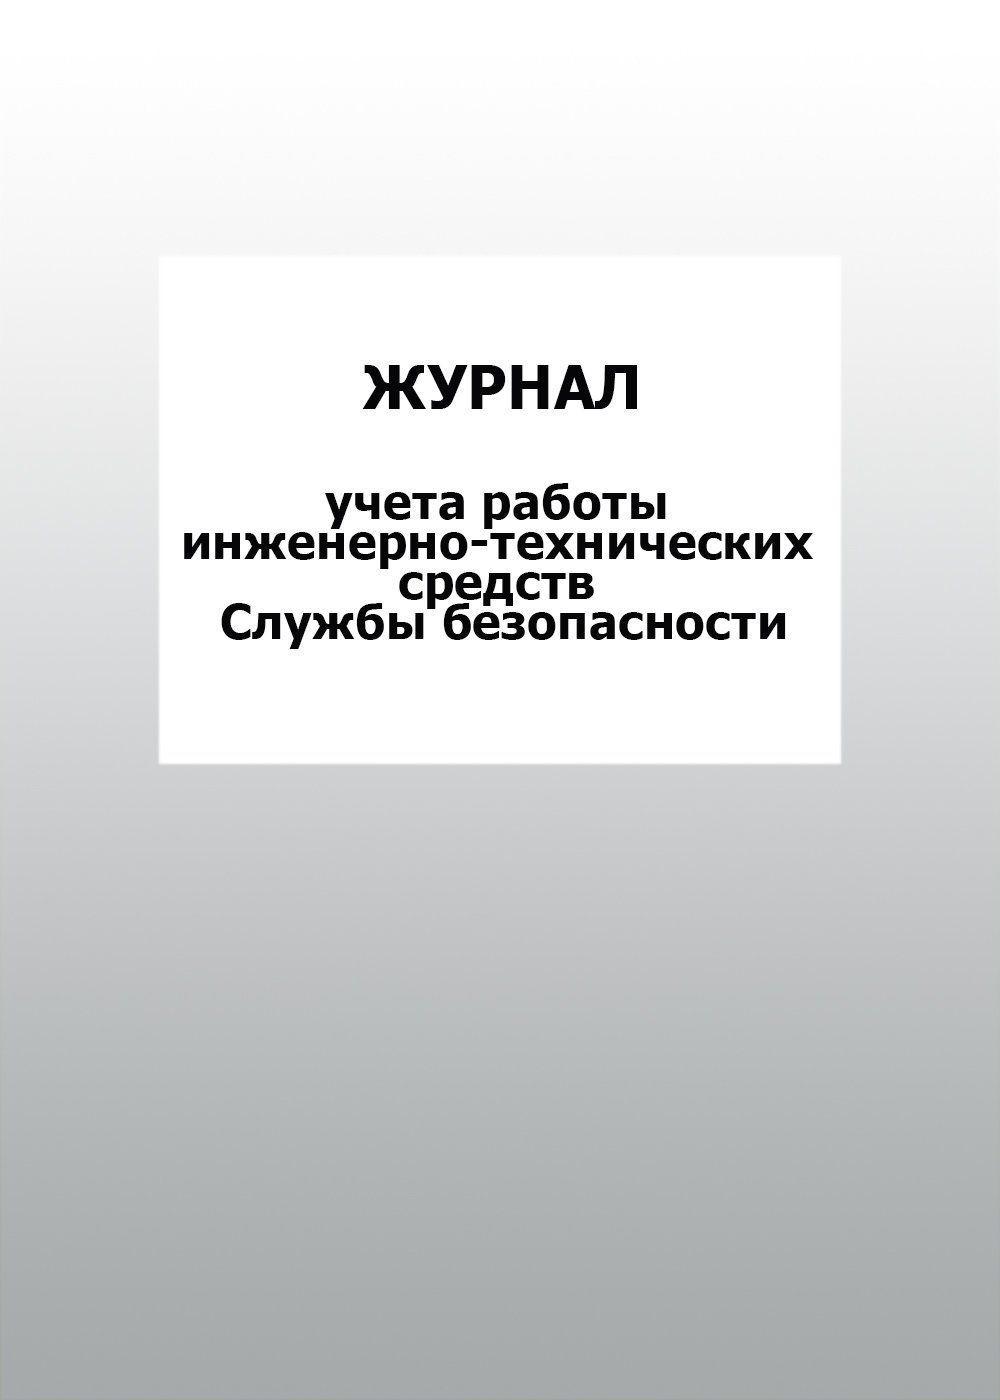 Журнал учета работы инженерно-технических средств Службы безопасности: упаковка 100 шт.